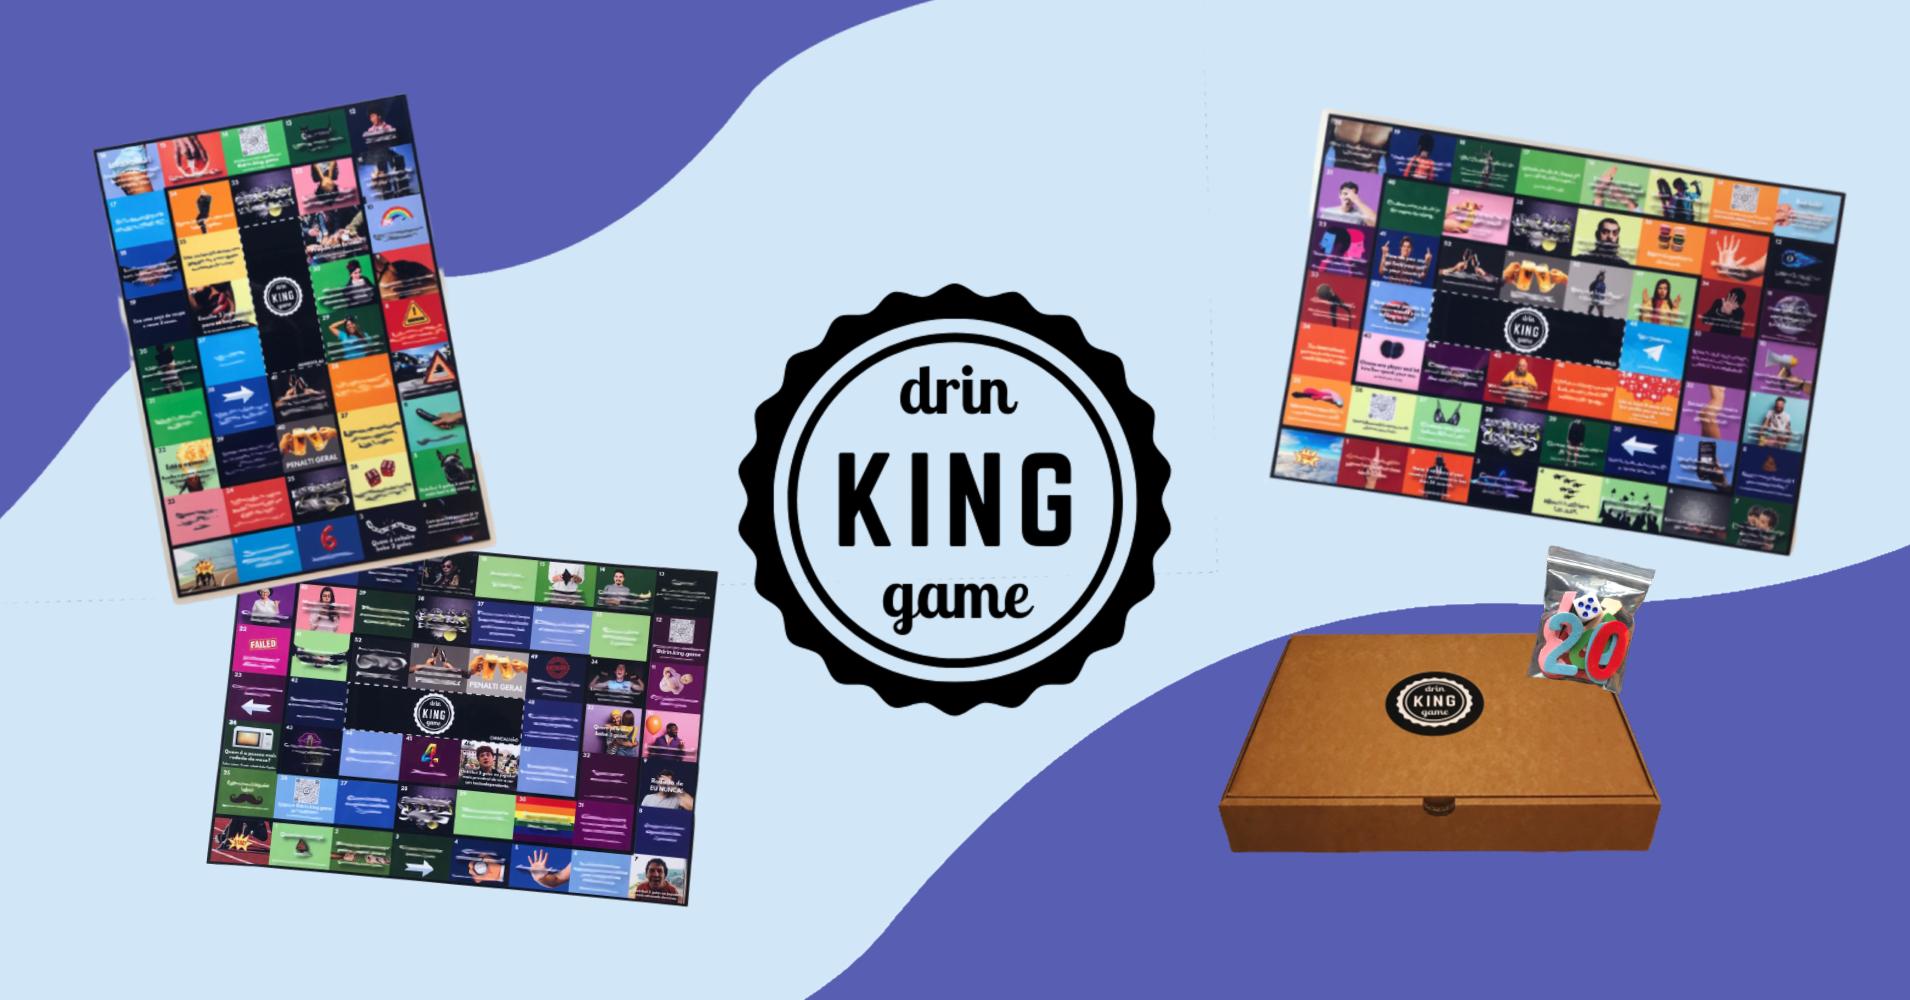 montagem com o jogo de tabuleiro Drin•KING•game